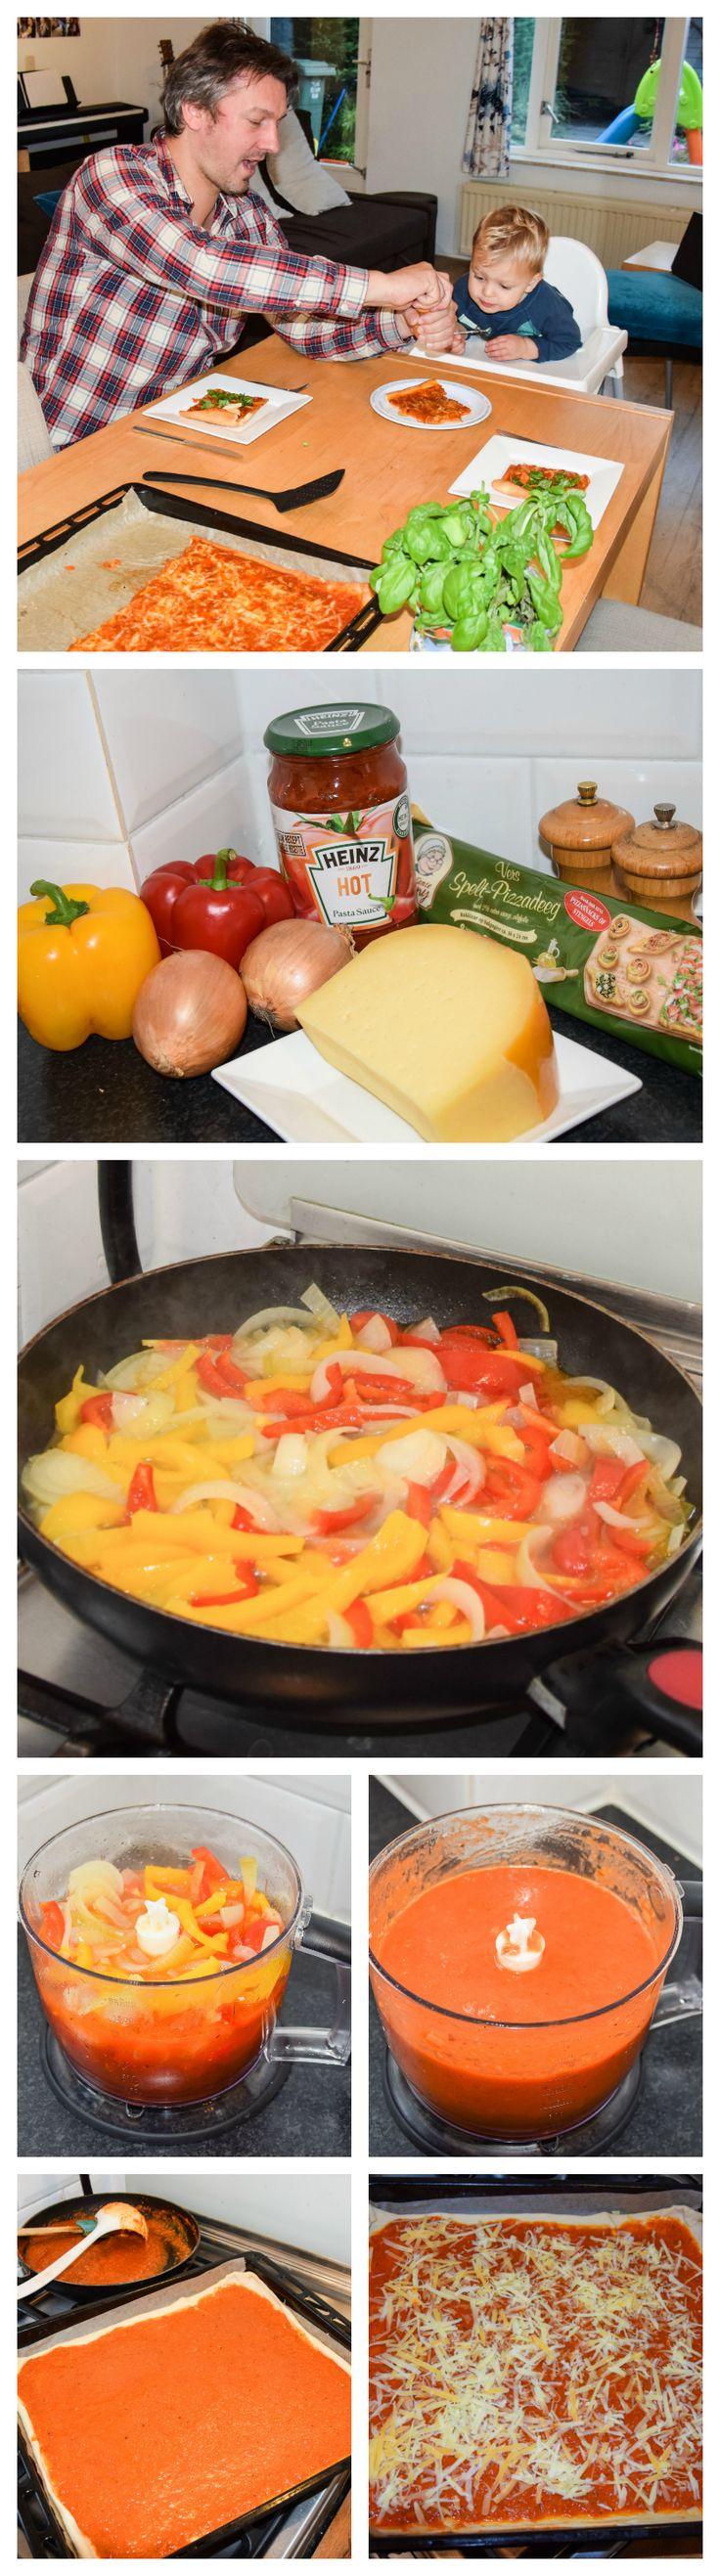 Met deze pizza 'margarita' kun je zonder dat je kind het merkt extra groente in de saus verstoppen.